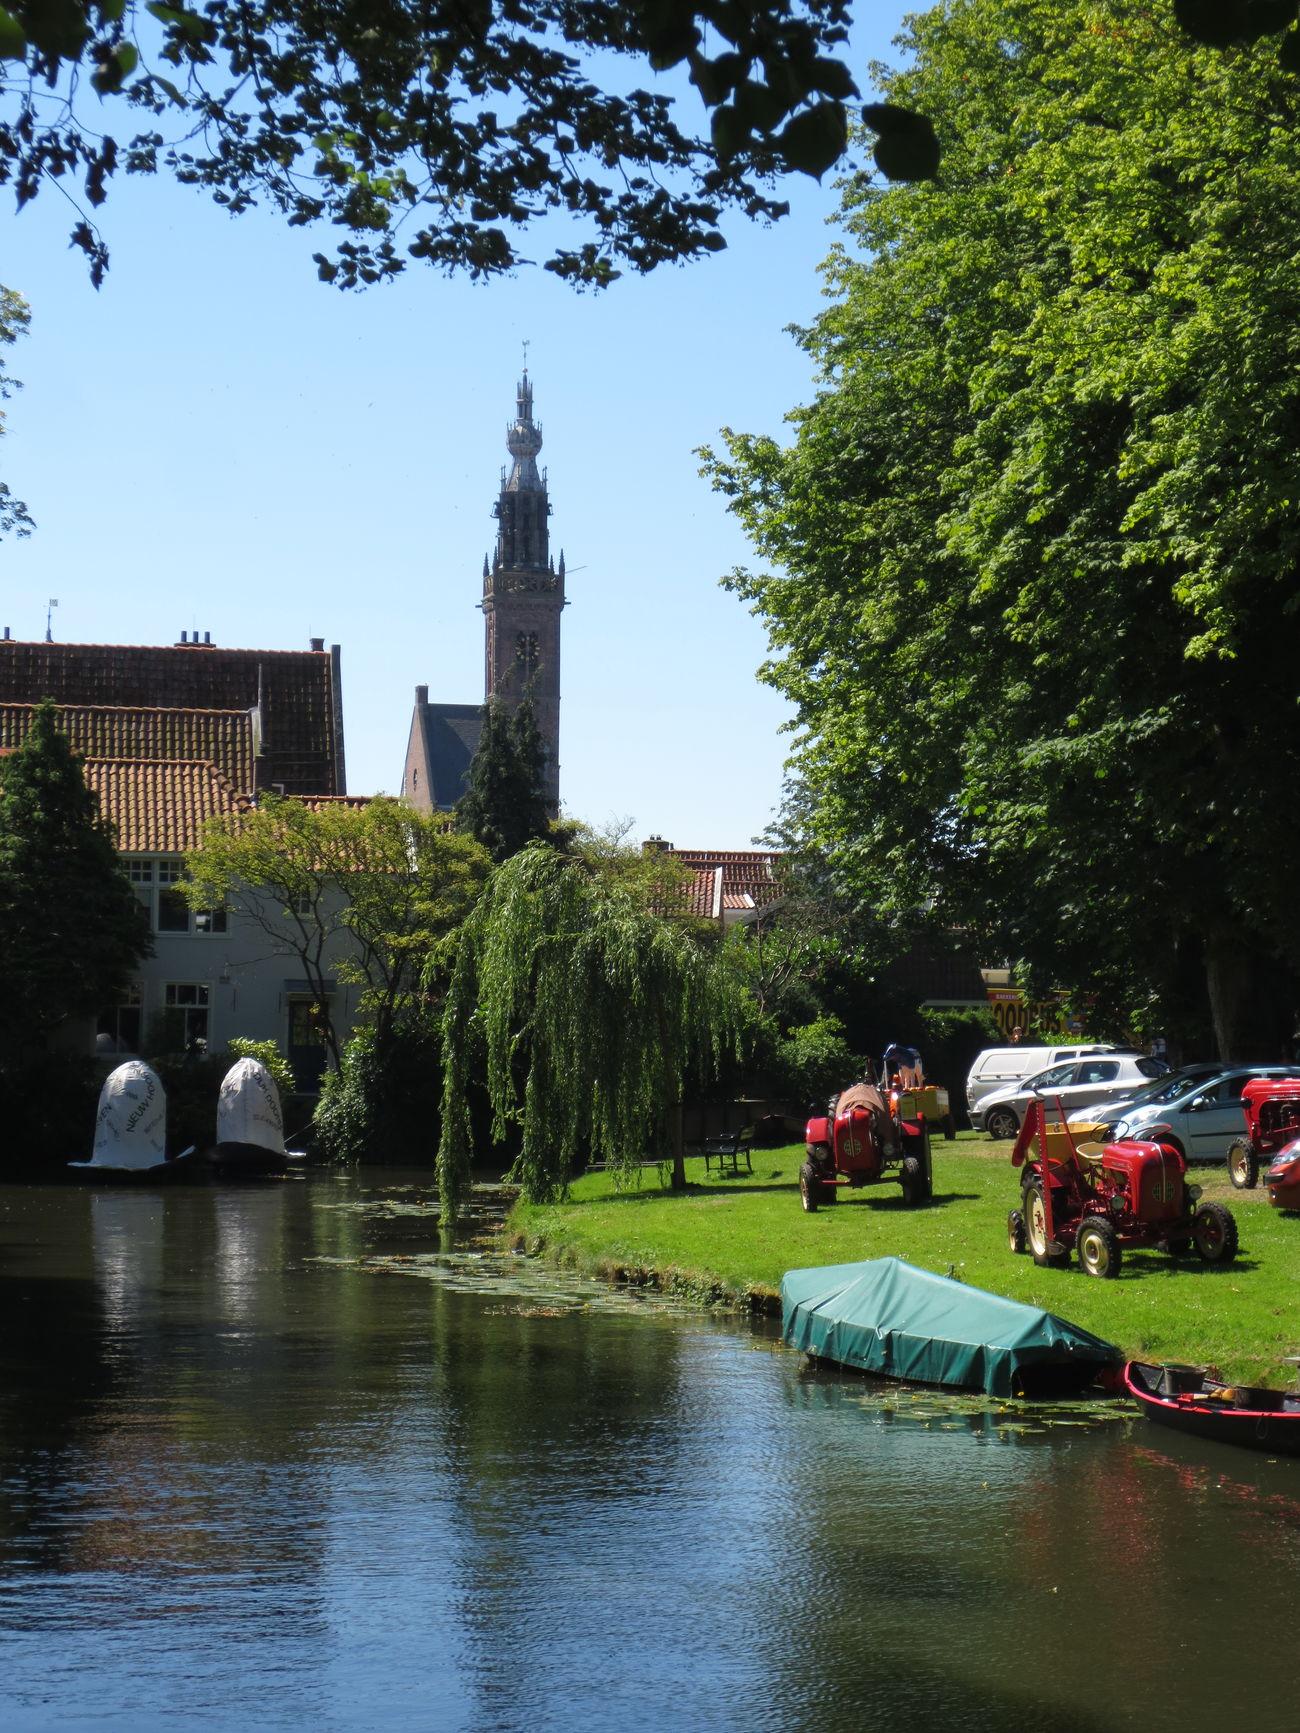 Un Paseo por el Pueblode Edan en Holanda